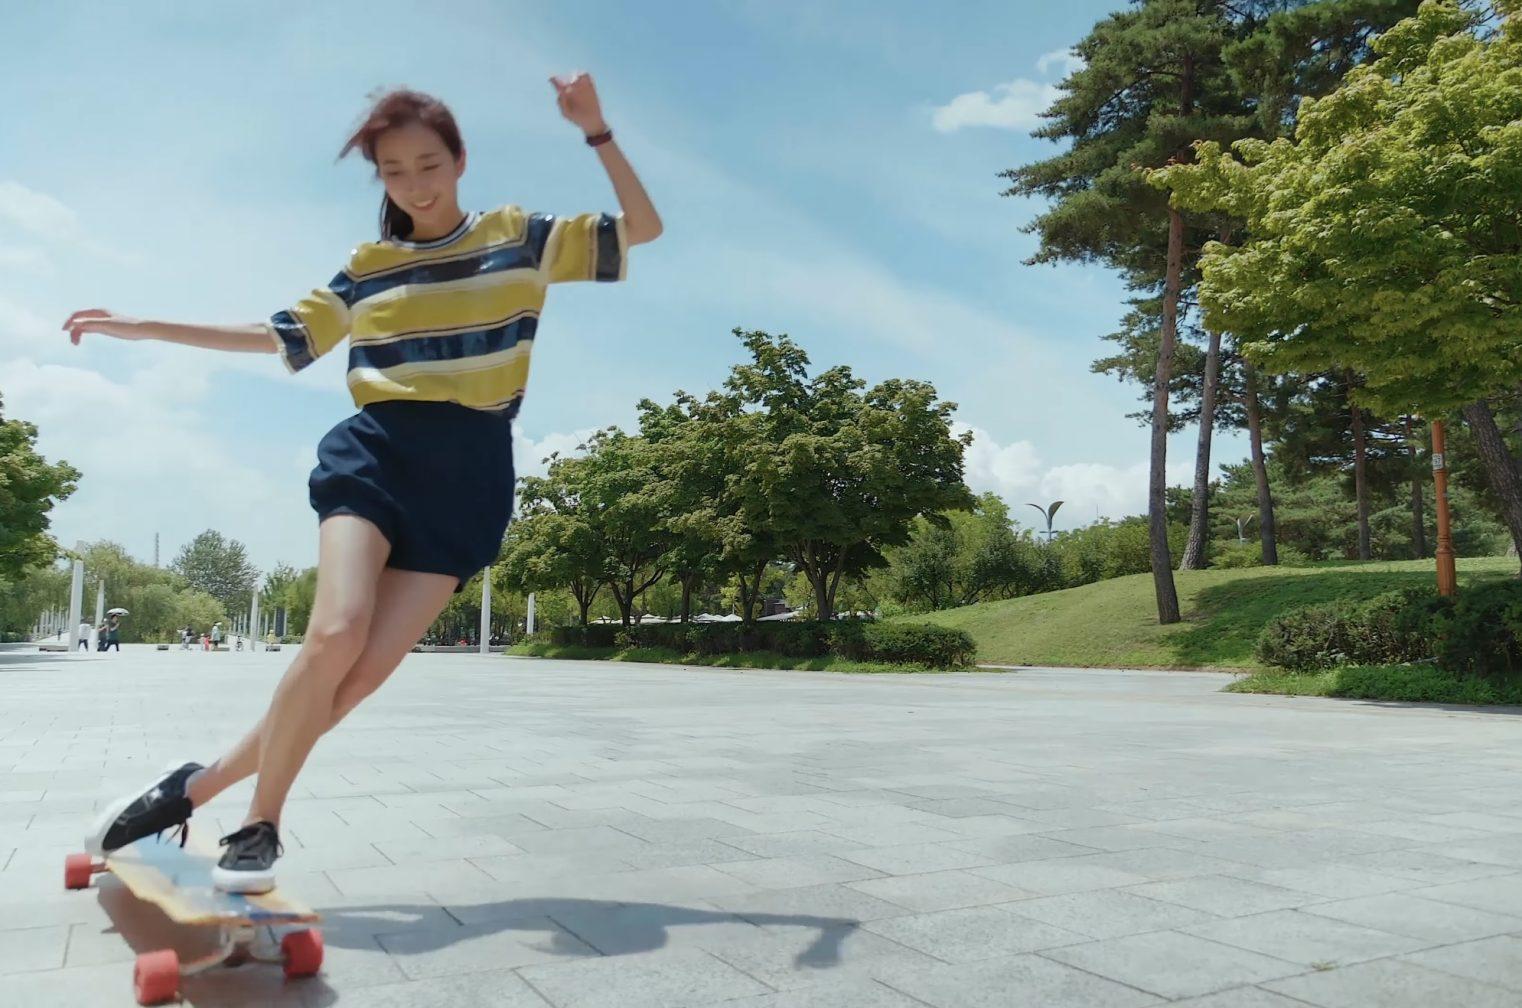 ロングスケートボード×映像の可能性